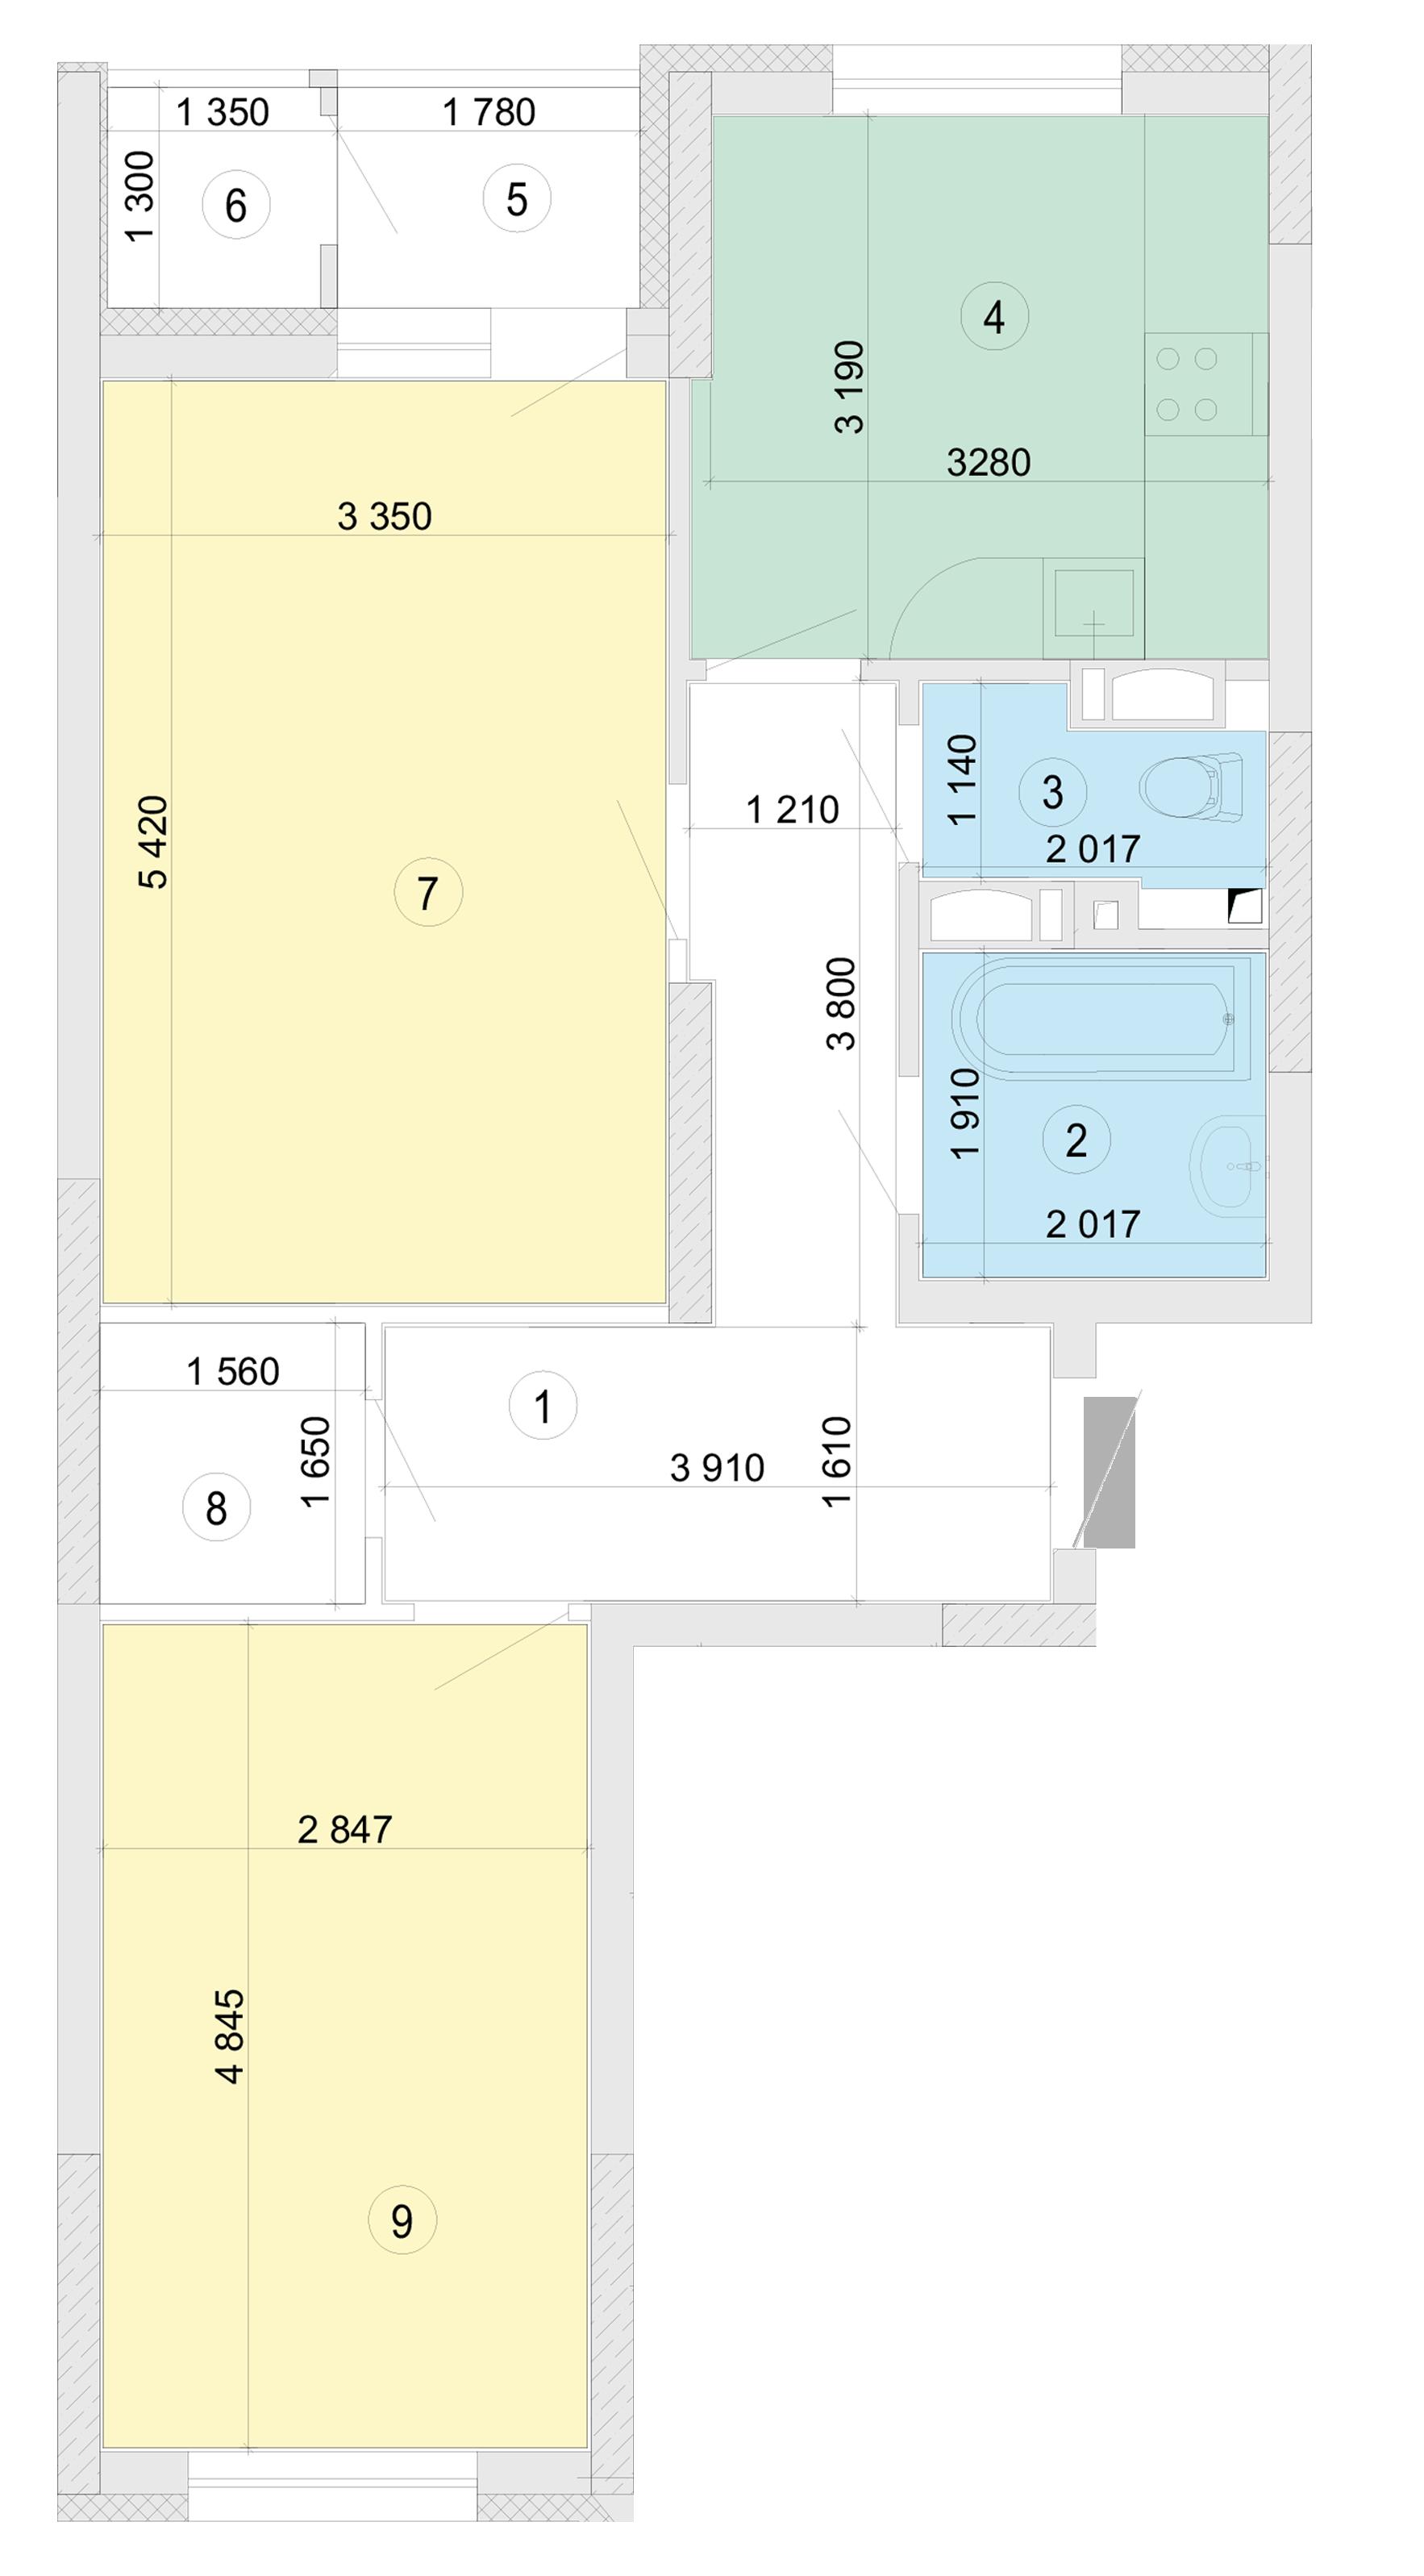 Купить Двухкомнатная квартира 63,35 кв.м., тип 2.2, дом 2, секция 5 в Киеве Голосеевский район